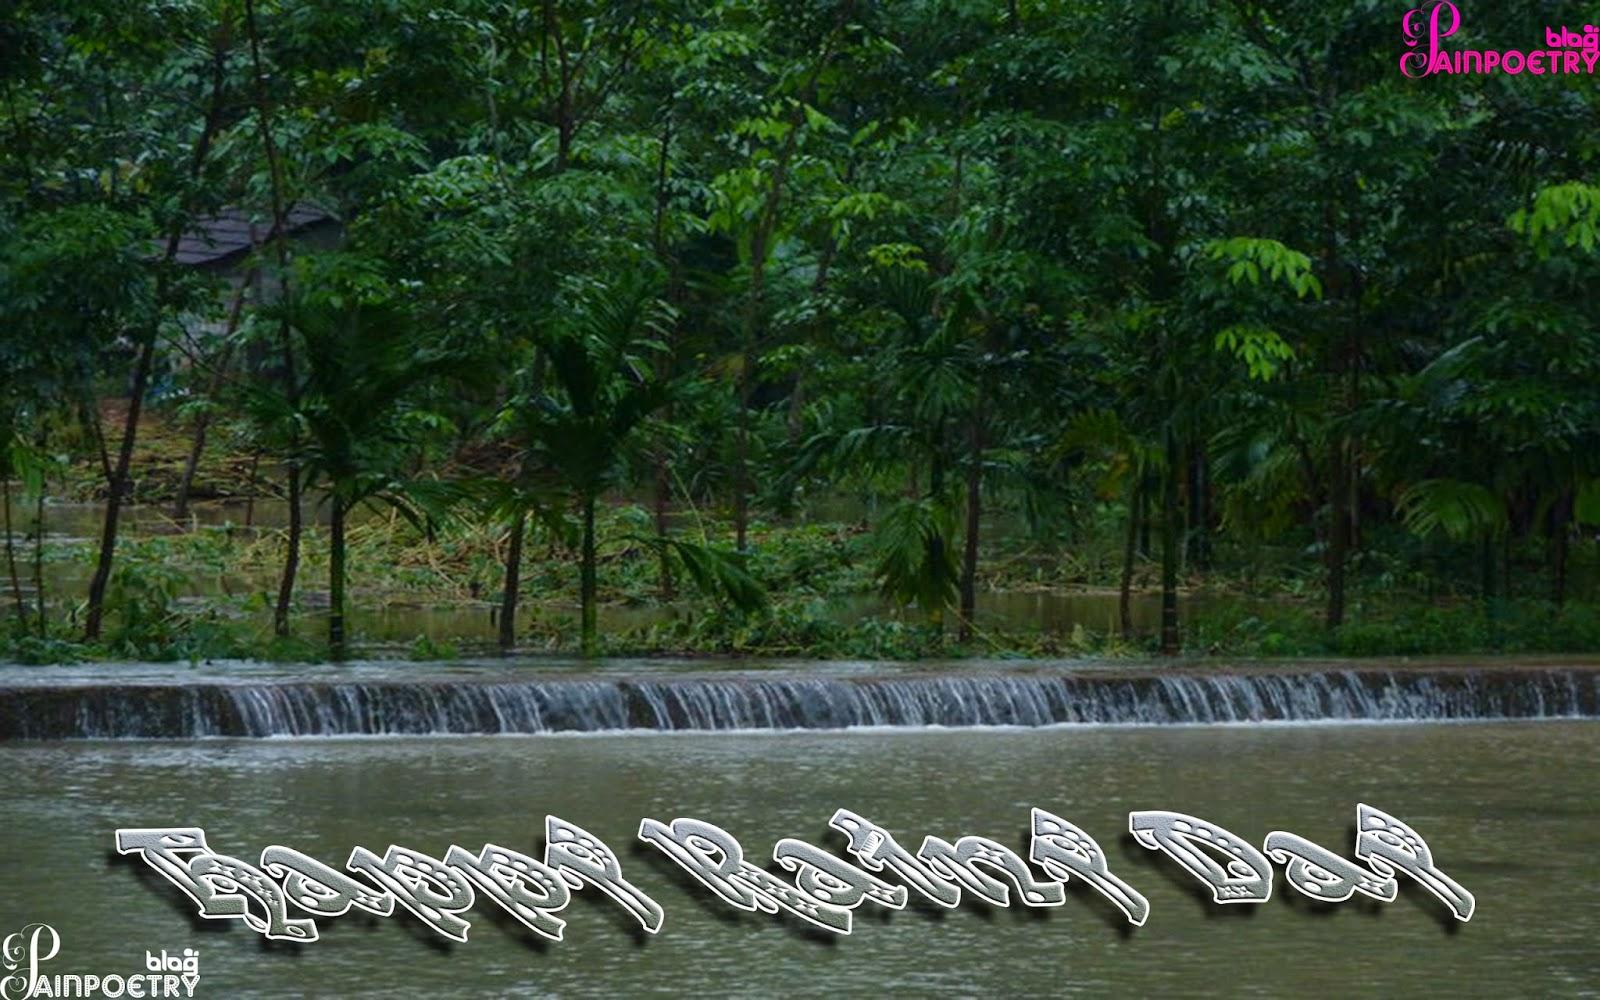 Happy-Rainy-Day-Wallpaper-Happy-Rainy-Day-Image-HD-Wide